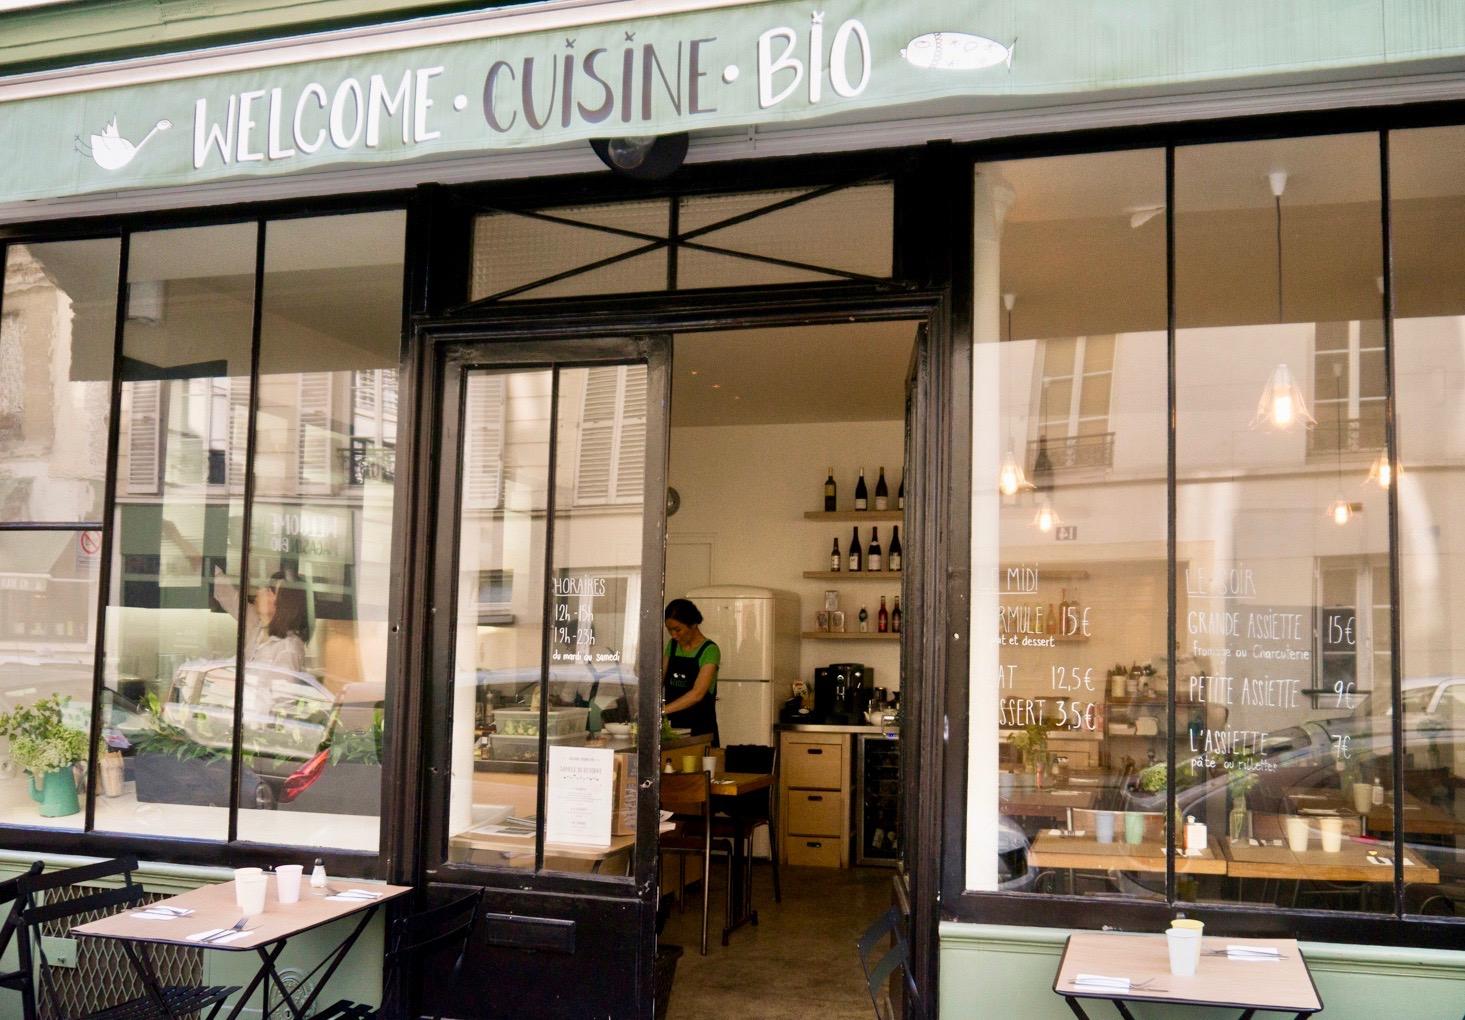 atelier-cuisine-vegetarienne-vegane-ayurvedique-welcome-bio.jpg